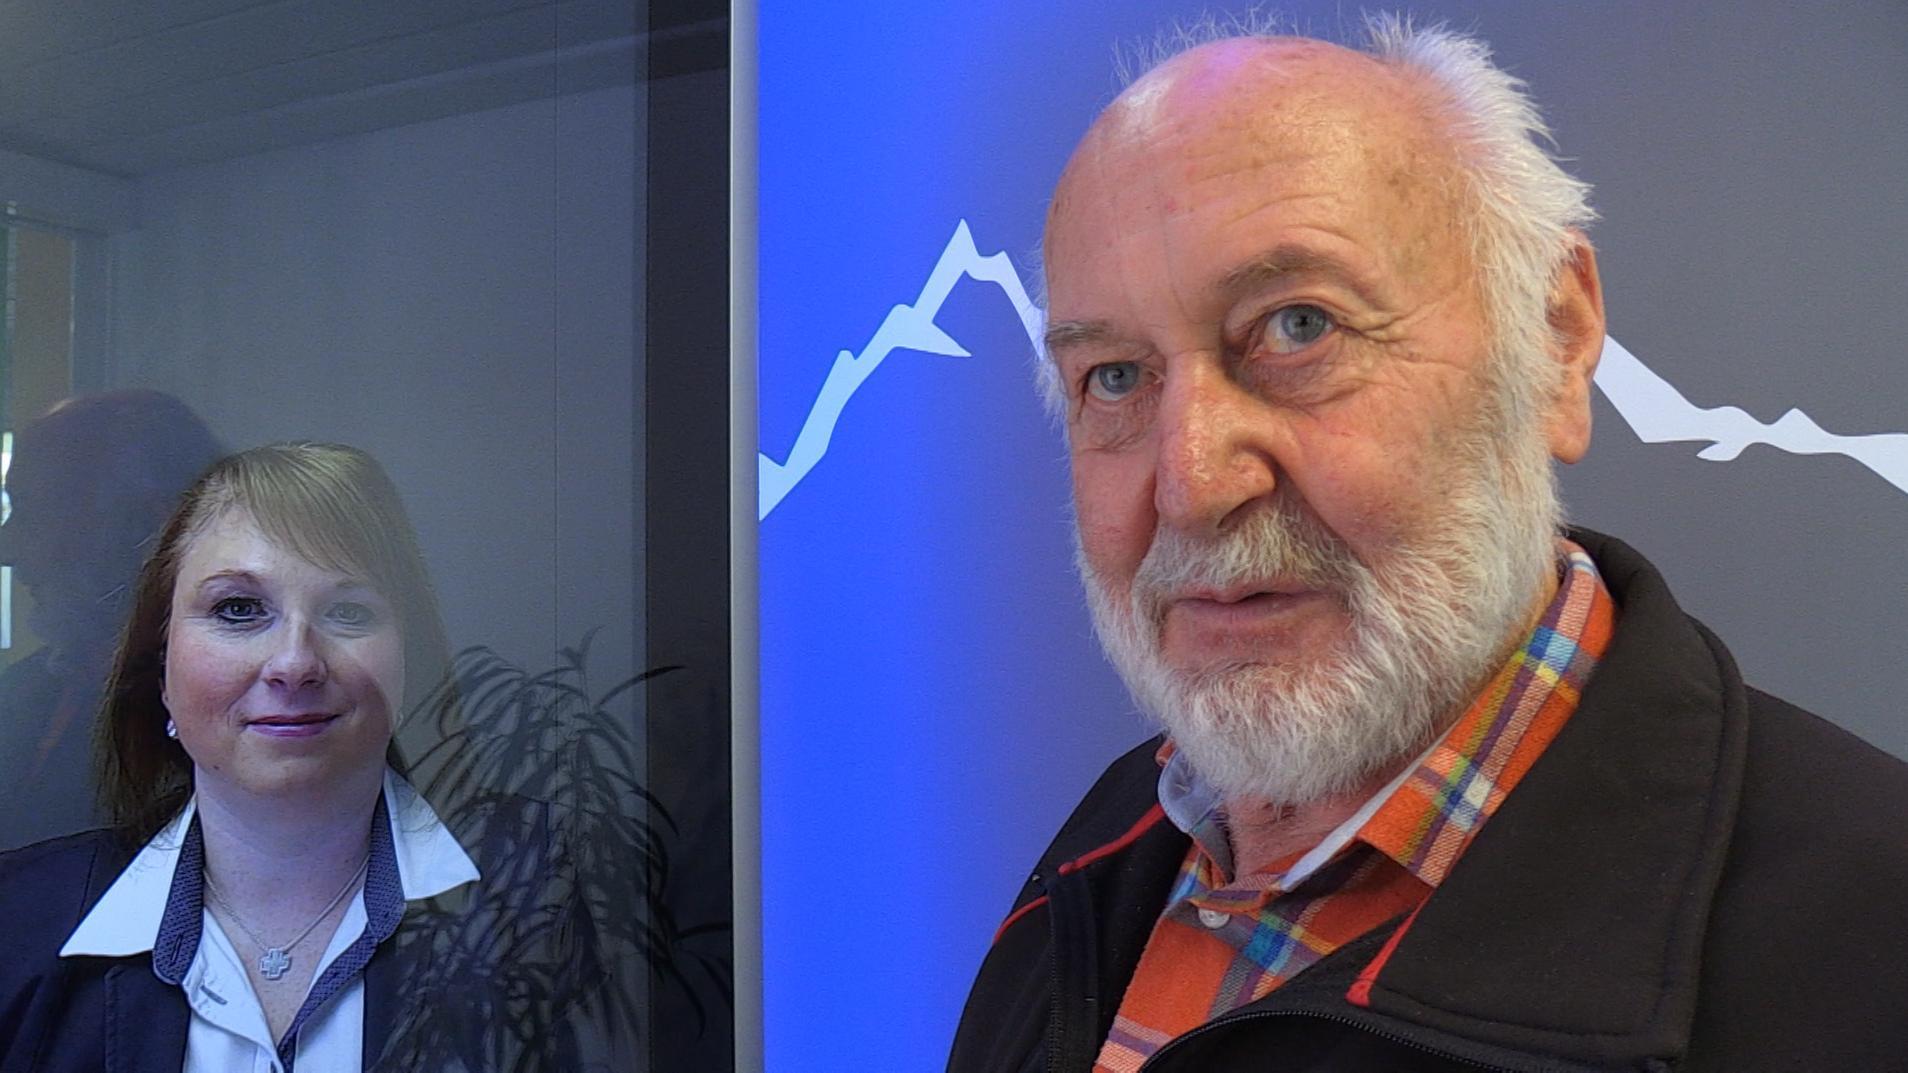 Hans Hartmann steht neben dem Video-Bildschirm, auf dem die Beraterin Kerstin Mayr zu sehen